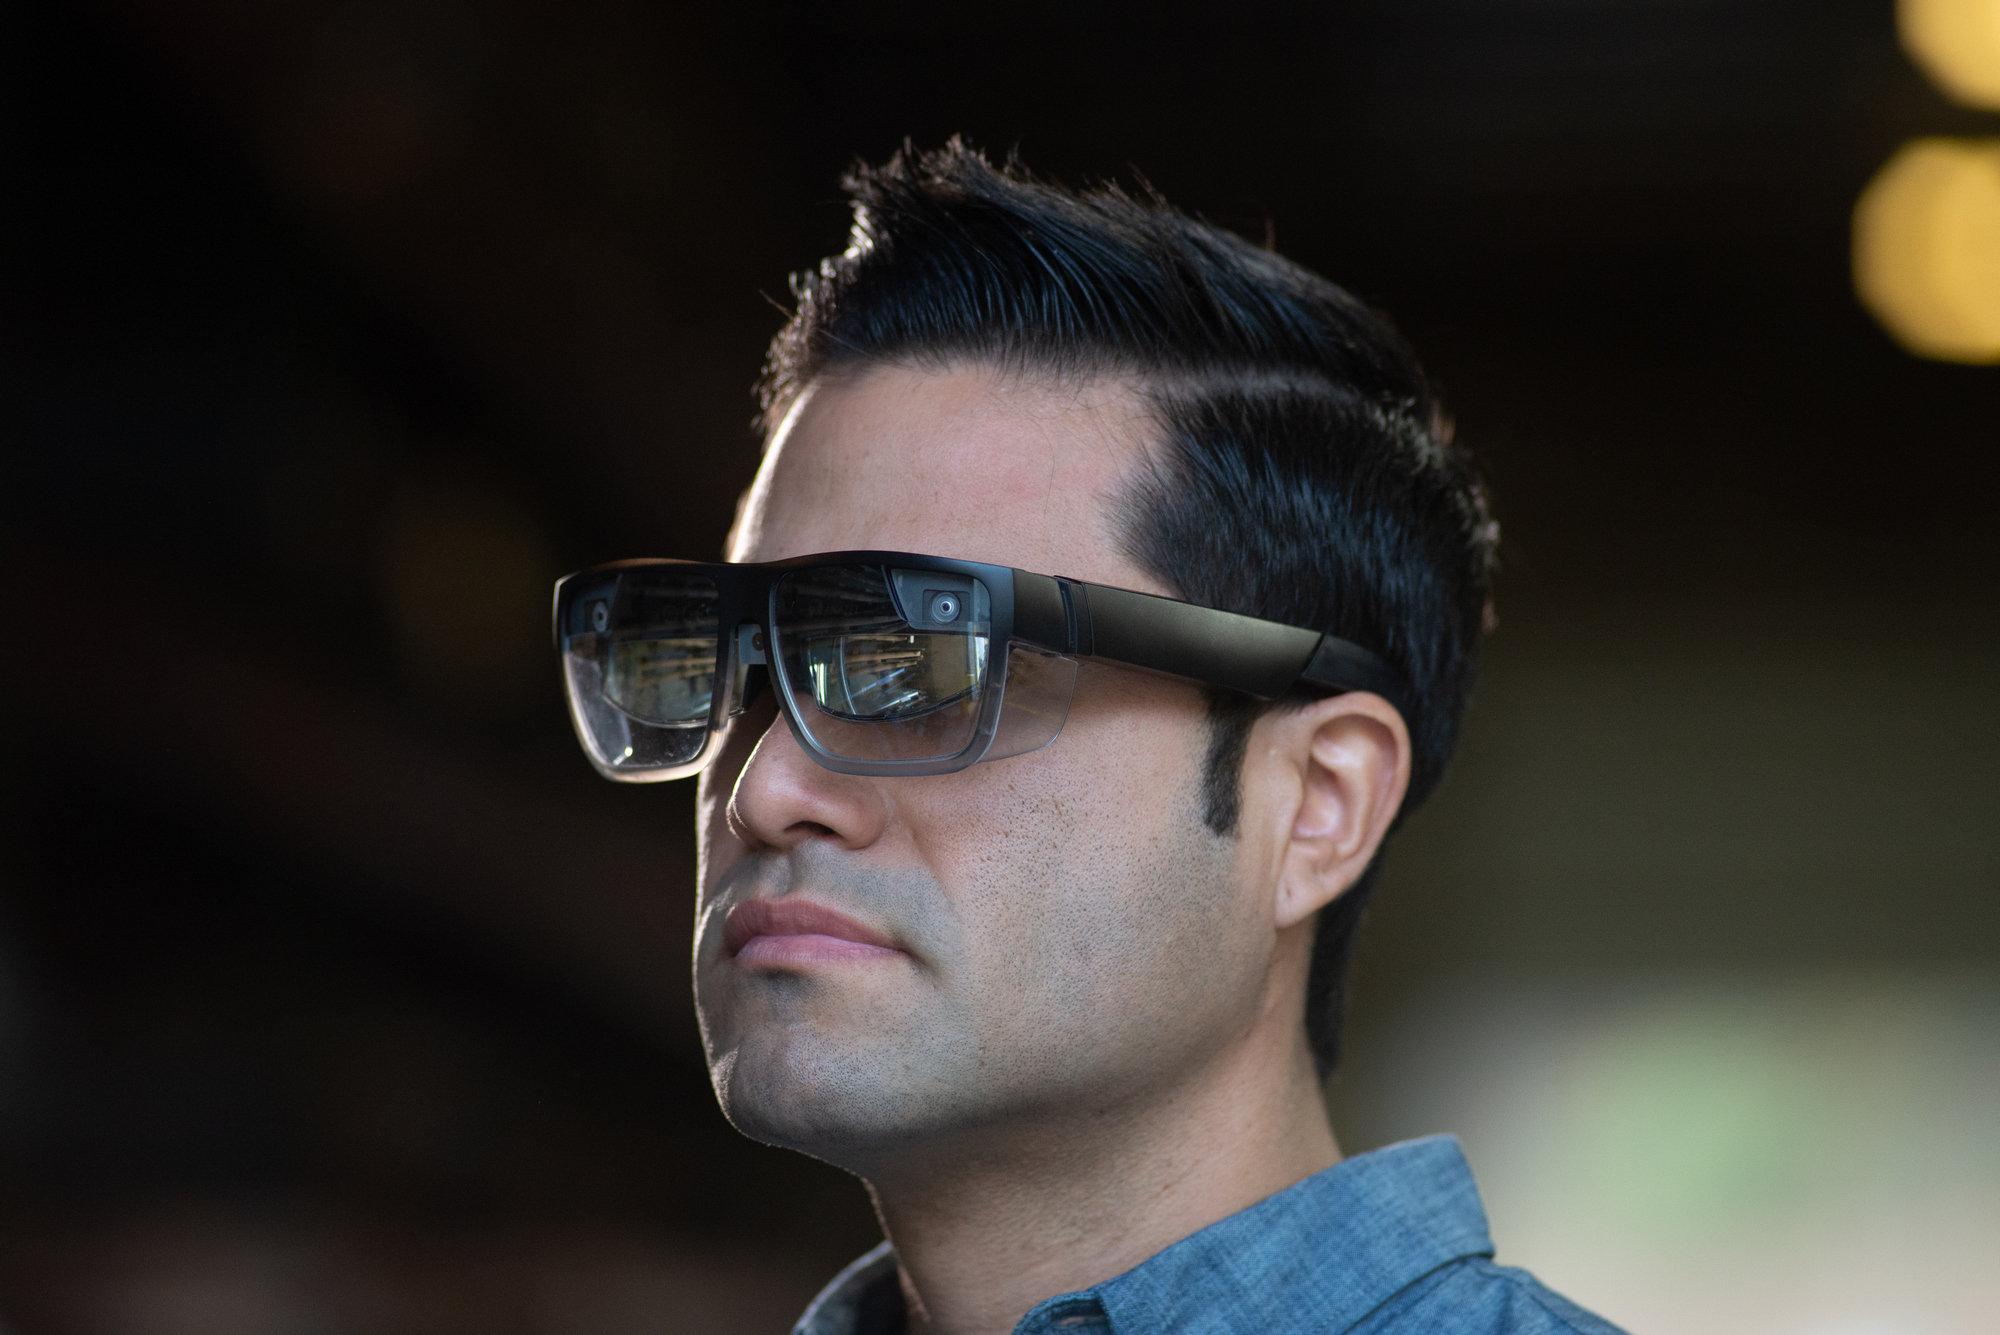 ThinkReality A3 vorgestellt: AR-Brille von Lenovo